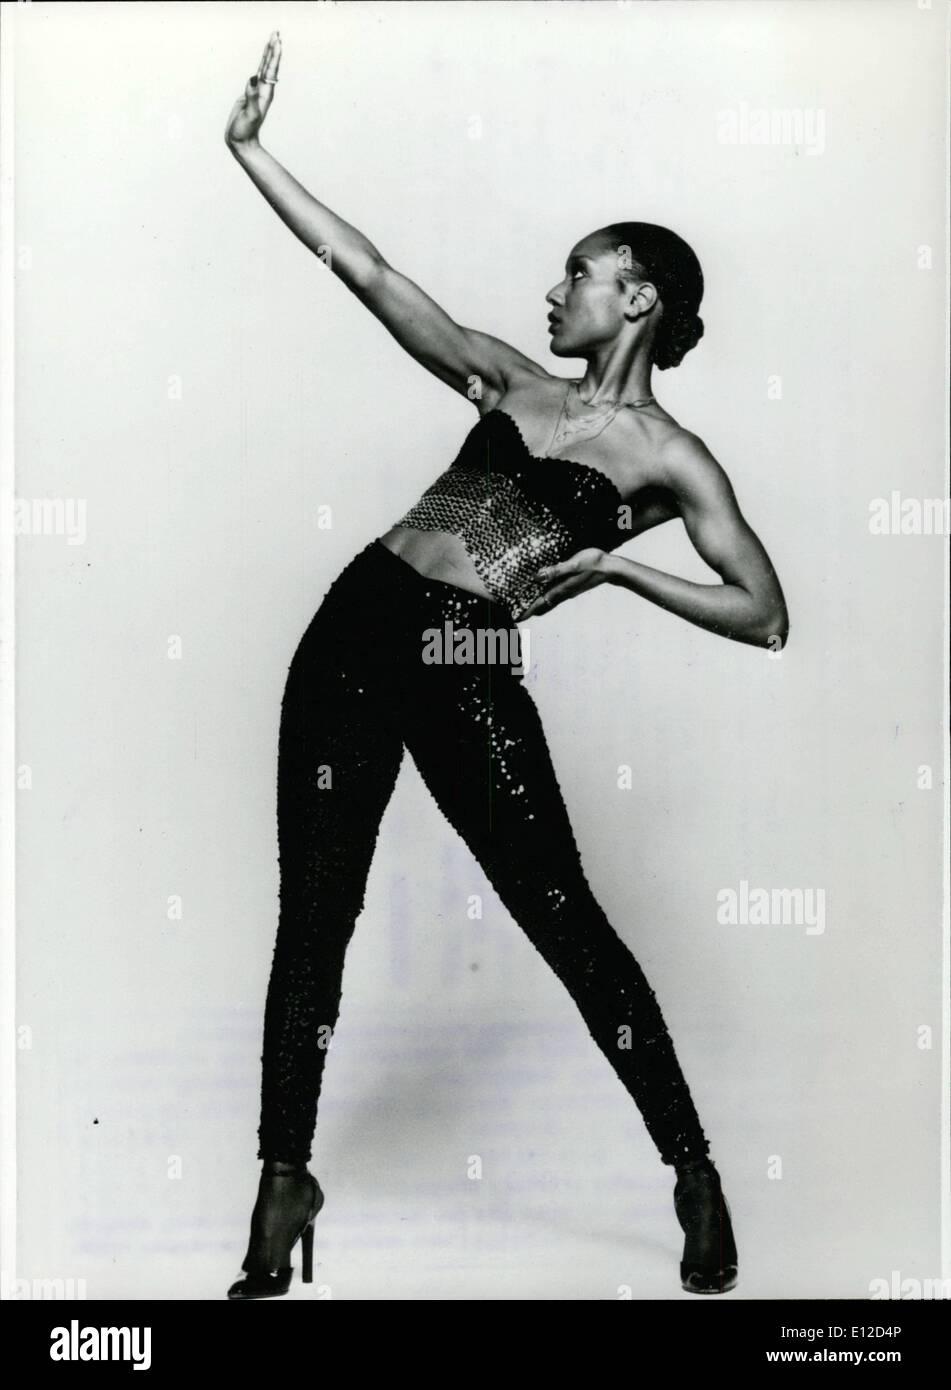 Dic. 19, 2011 - un diamante nero sul Disco-Ski: Amii Stewart ''gorgogliamento di zucchero di canna''..Questo Rasant e Sucessful musical dal Immagini Stock